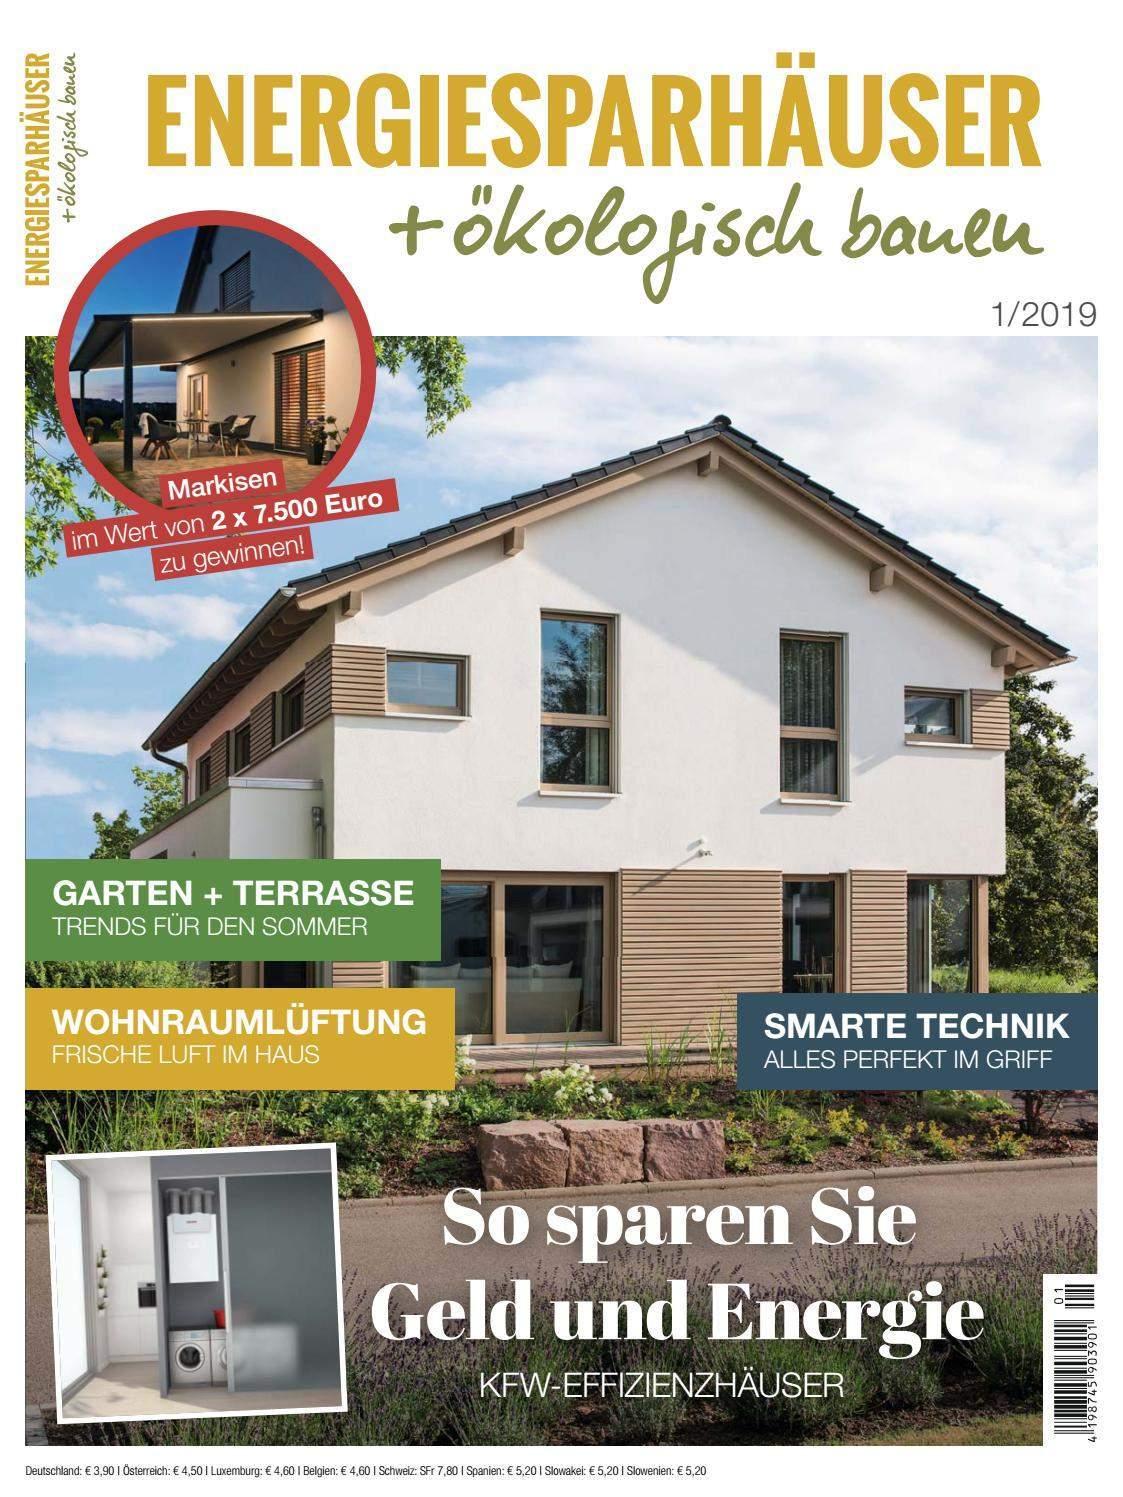 schallschutz garten selber bauen inspirierend energiesparhauser okologisch bauen 1 2019 by family home of schallschutz garten selber bauen